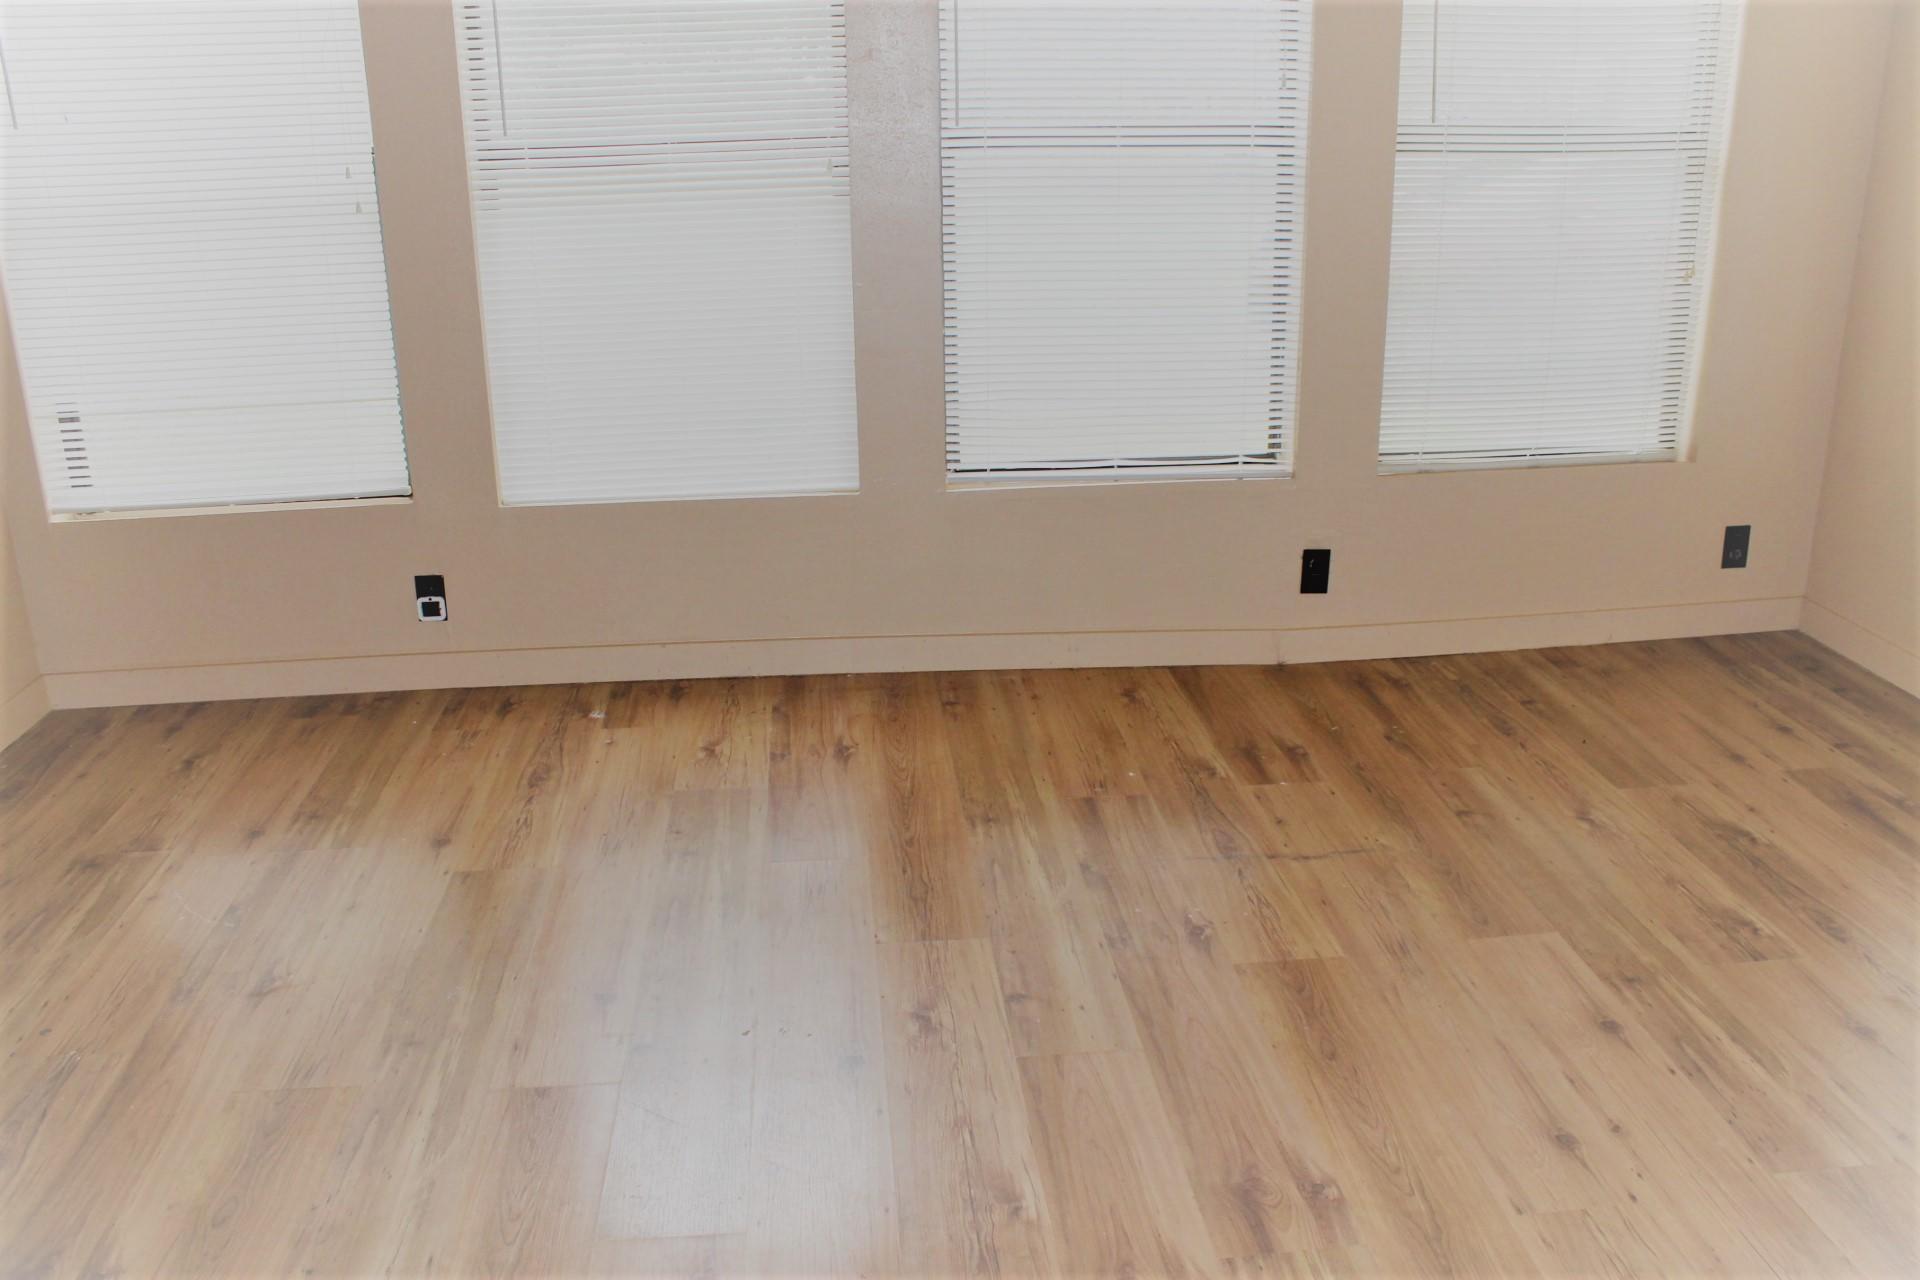 DeRidder home for sale, 508 W 5th St, DeRidder LA - $115,000